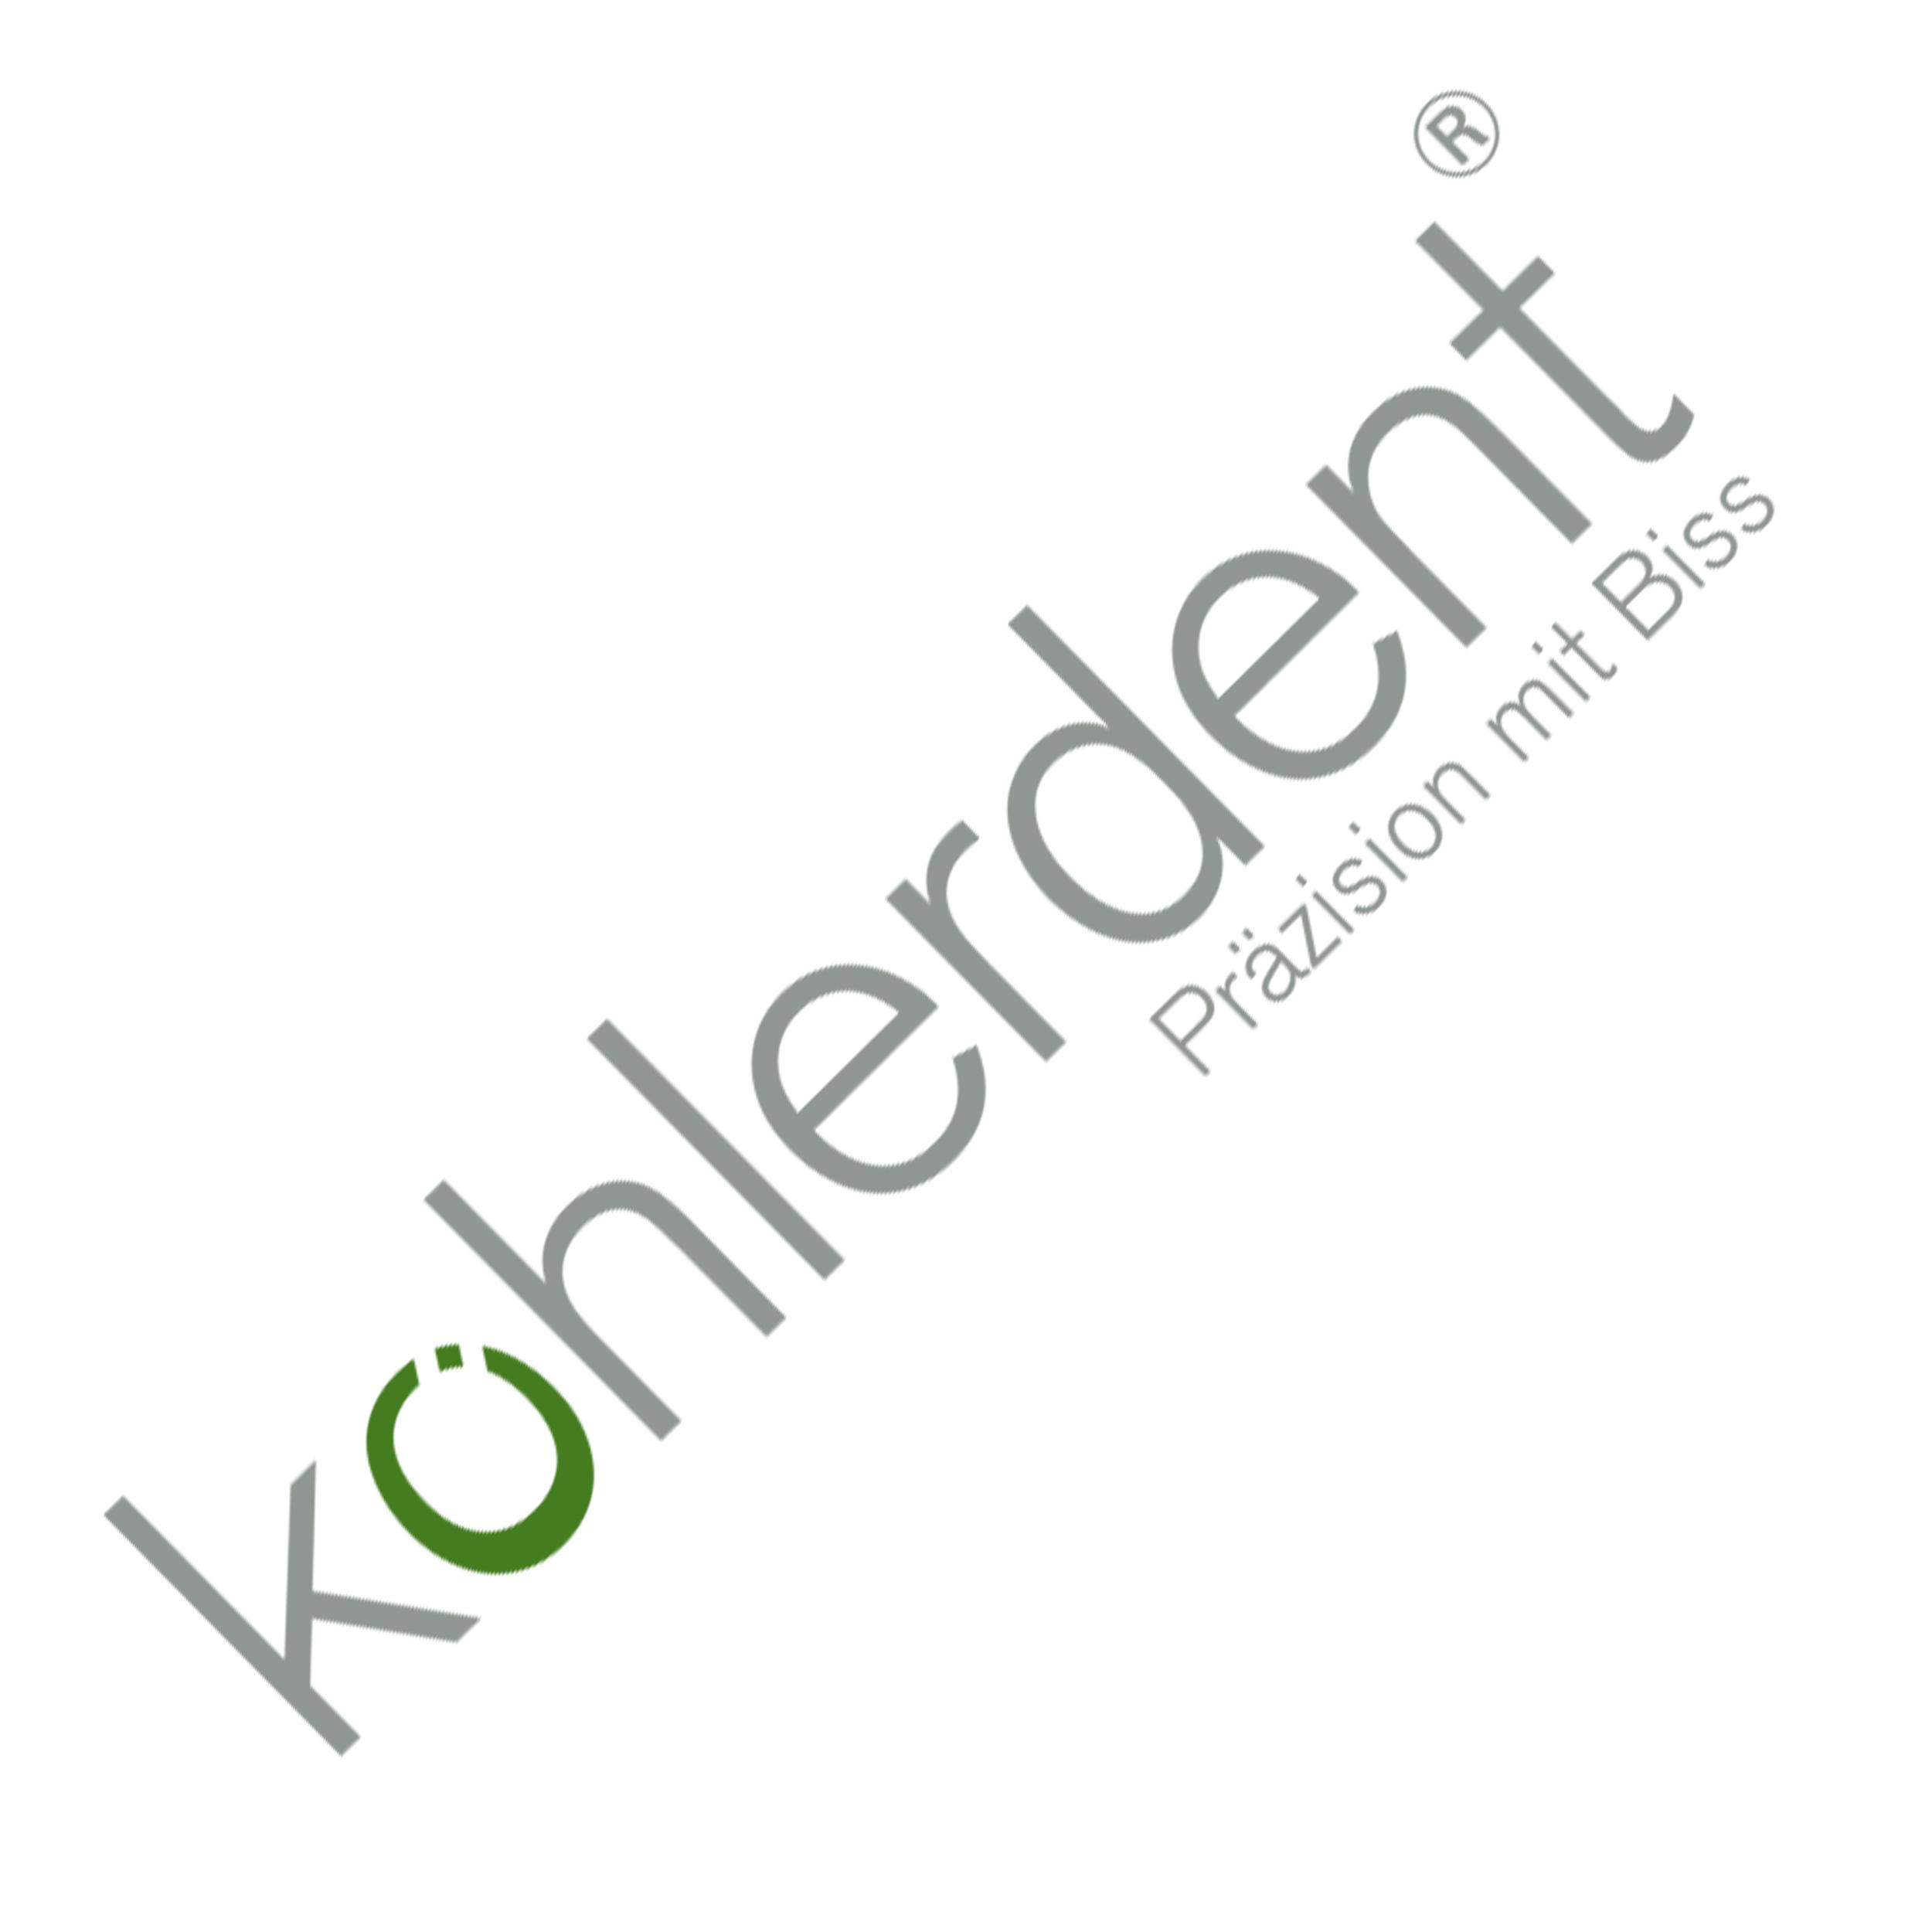 Köhlerdent